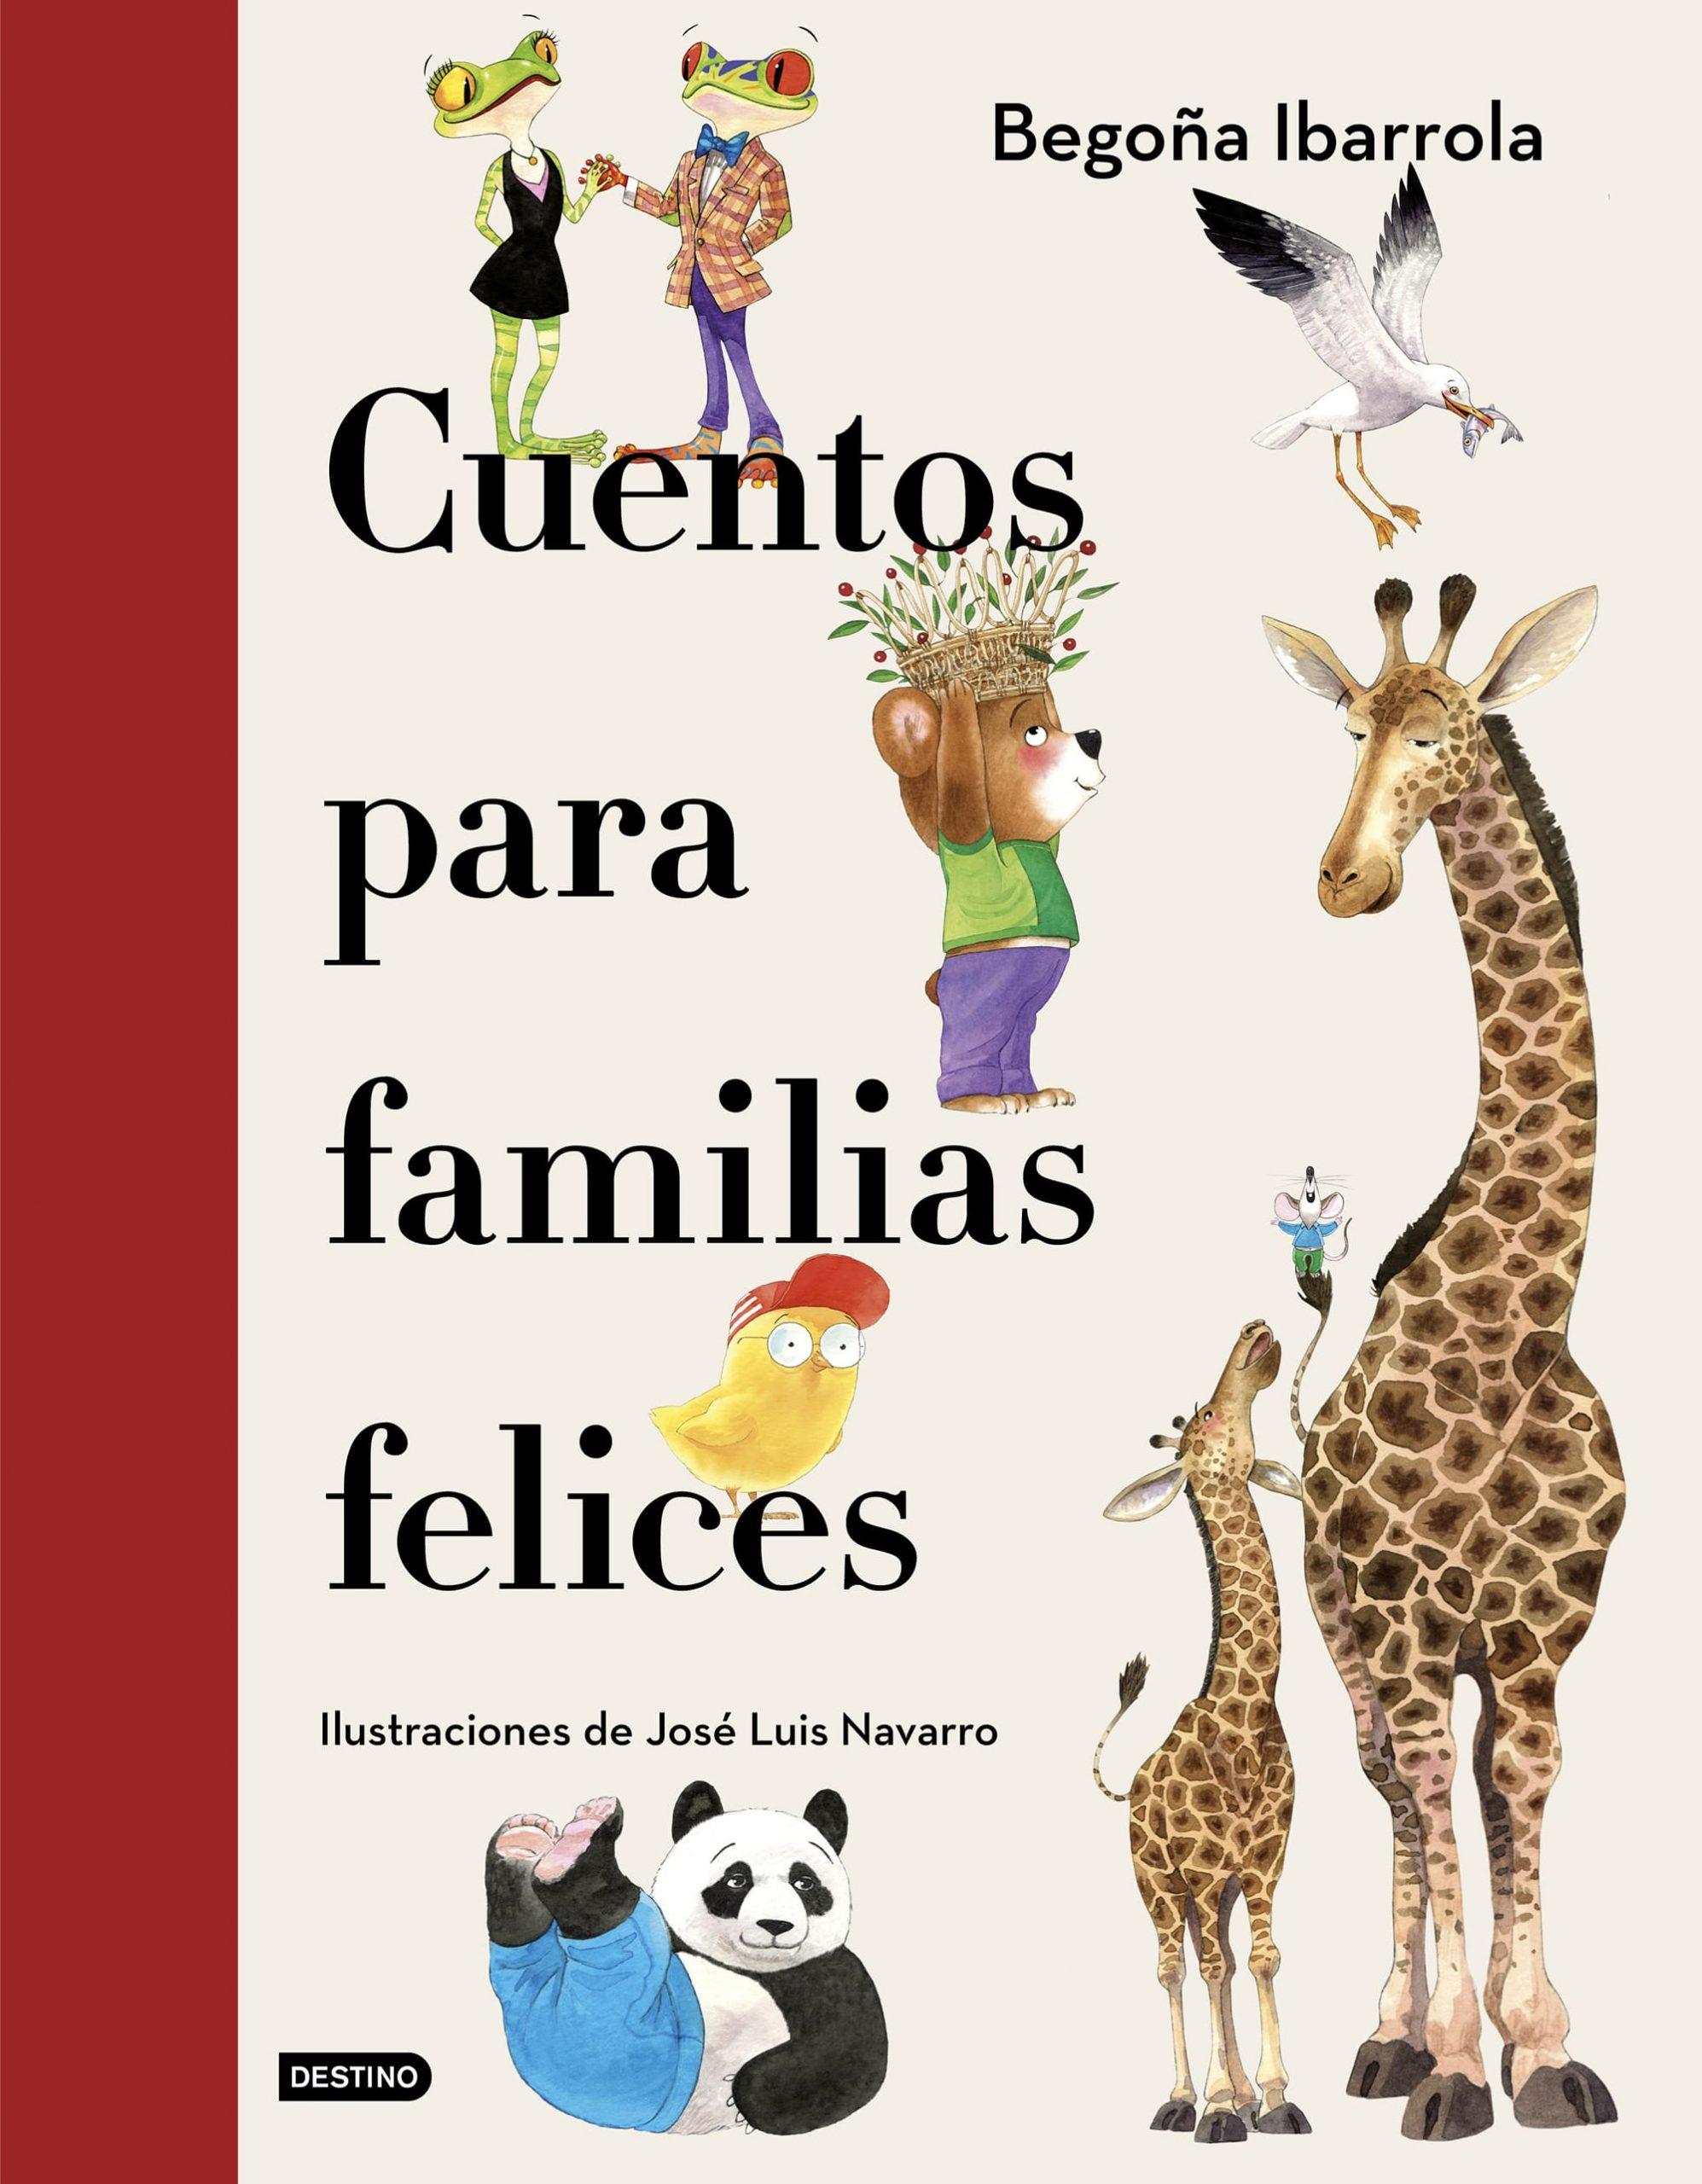 Cuentos para familias felices, nueva obra de Begoña Ibarrola